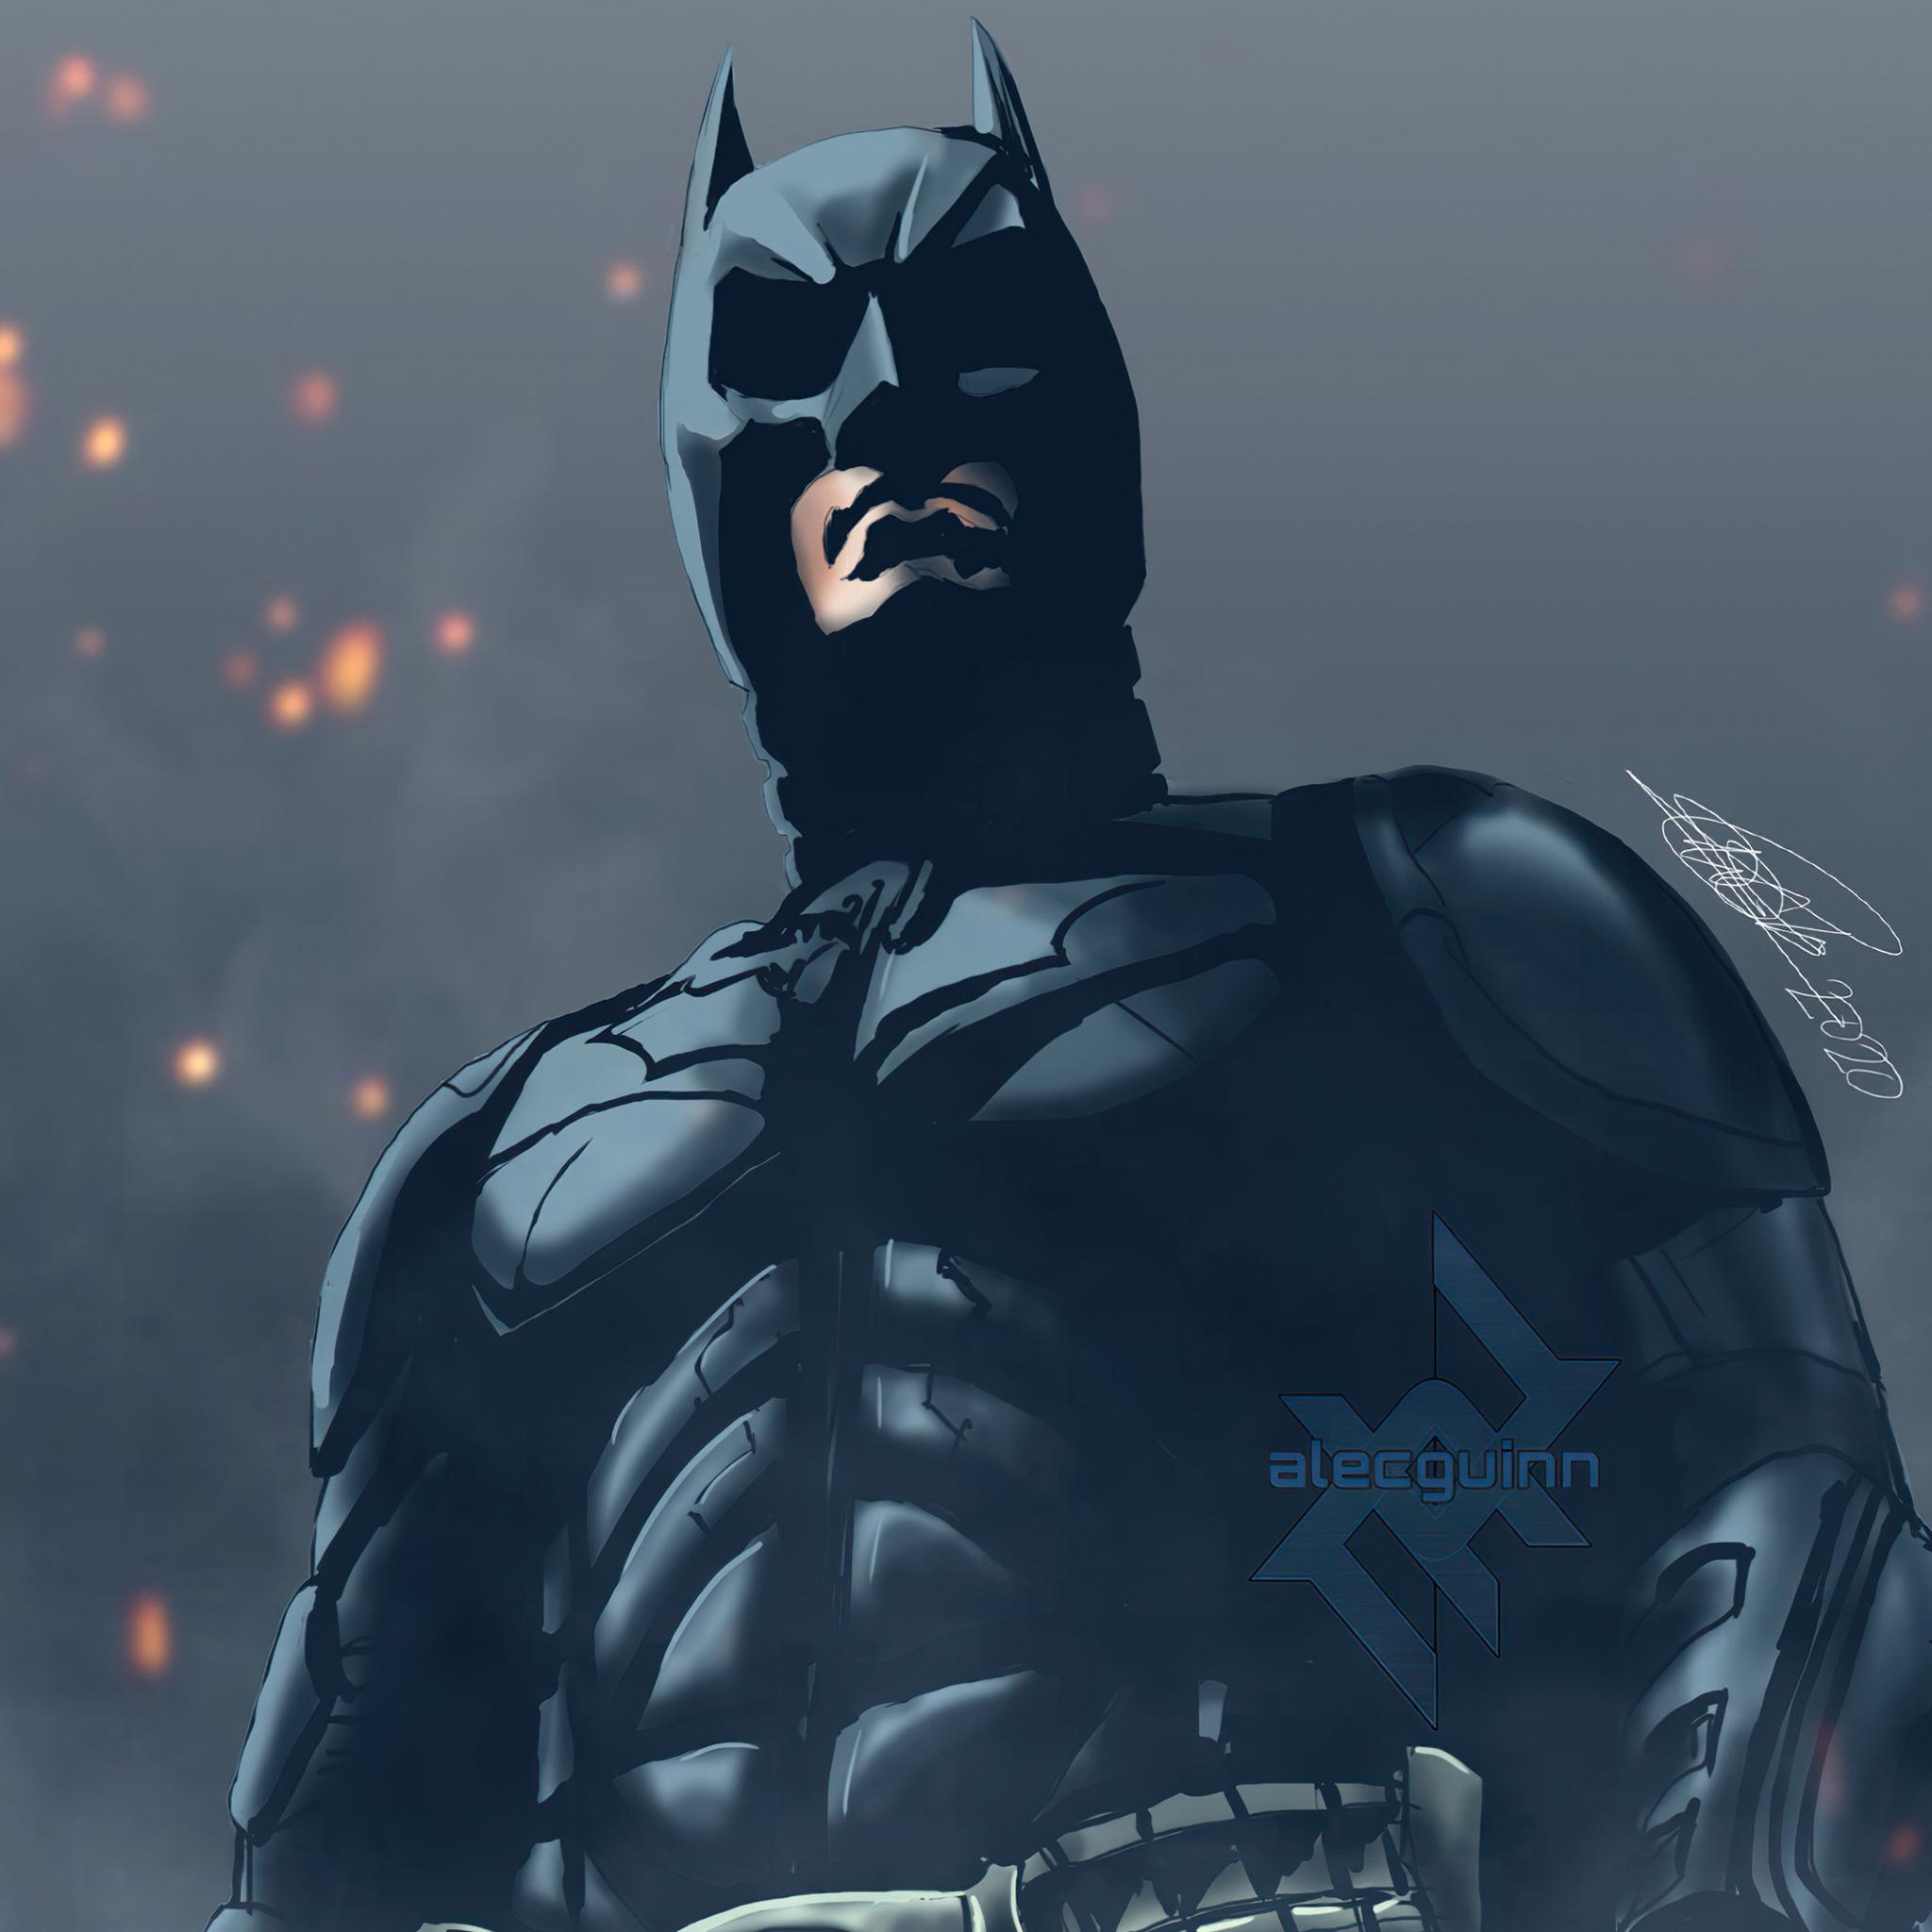 batman-digital-paint-art-4k-ar.jpg